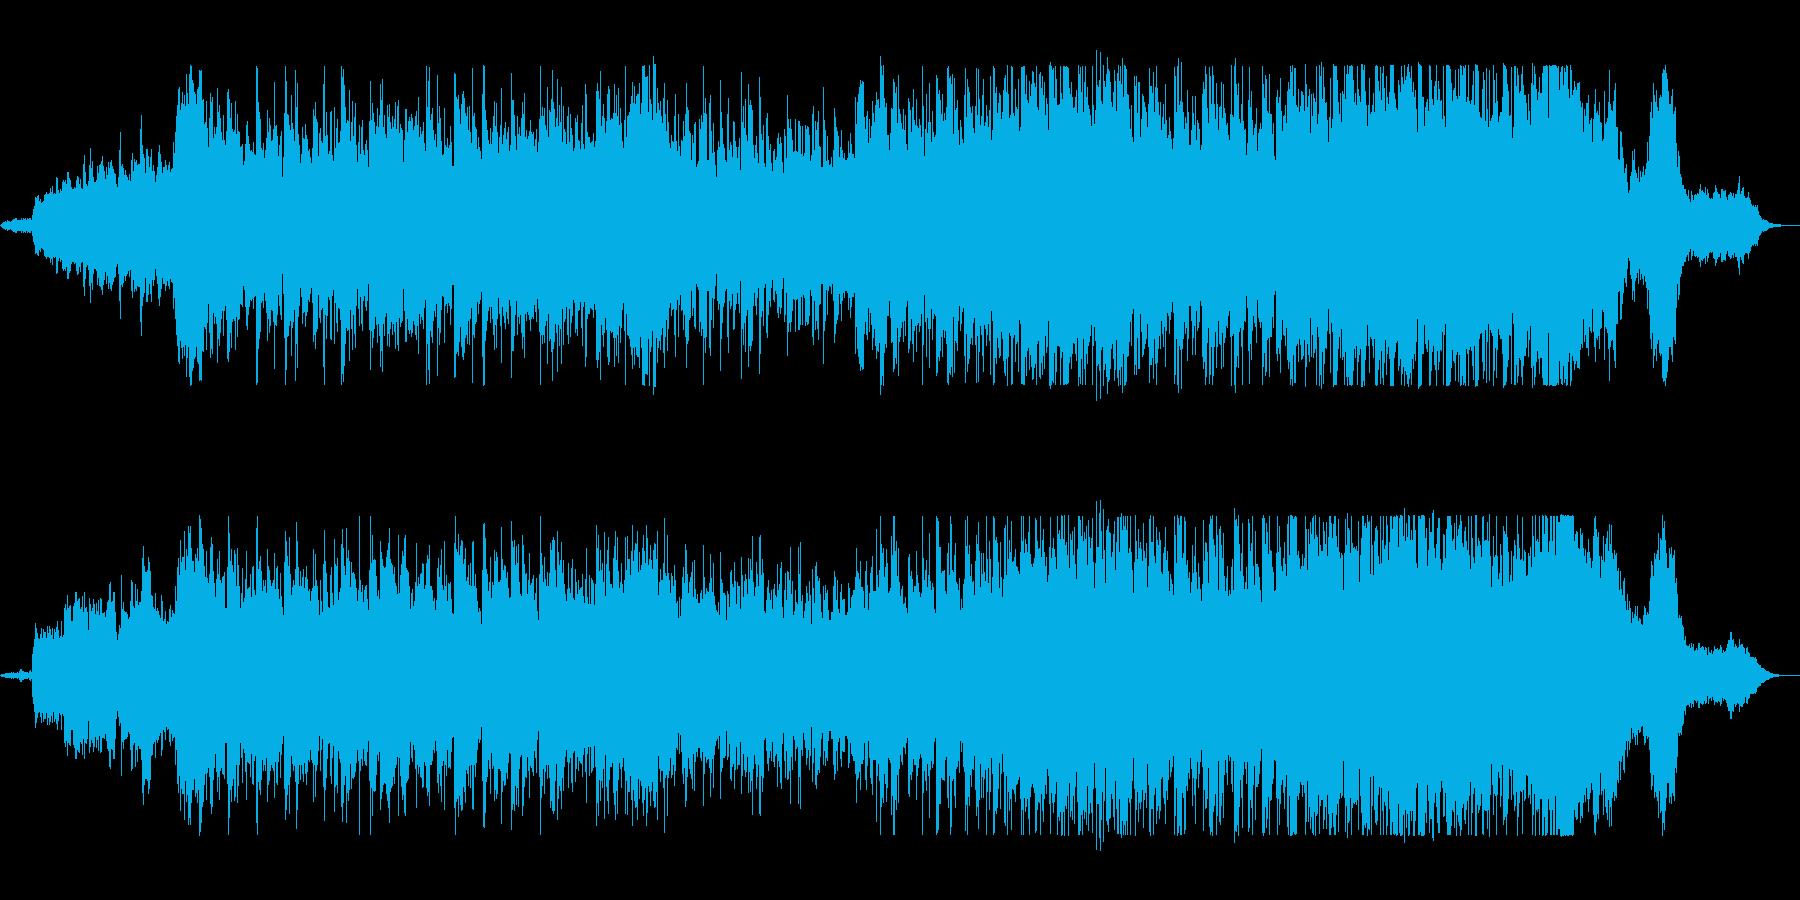 壮大で優雅なシンセサイザーサウンドの再生済みの波形